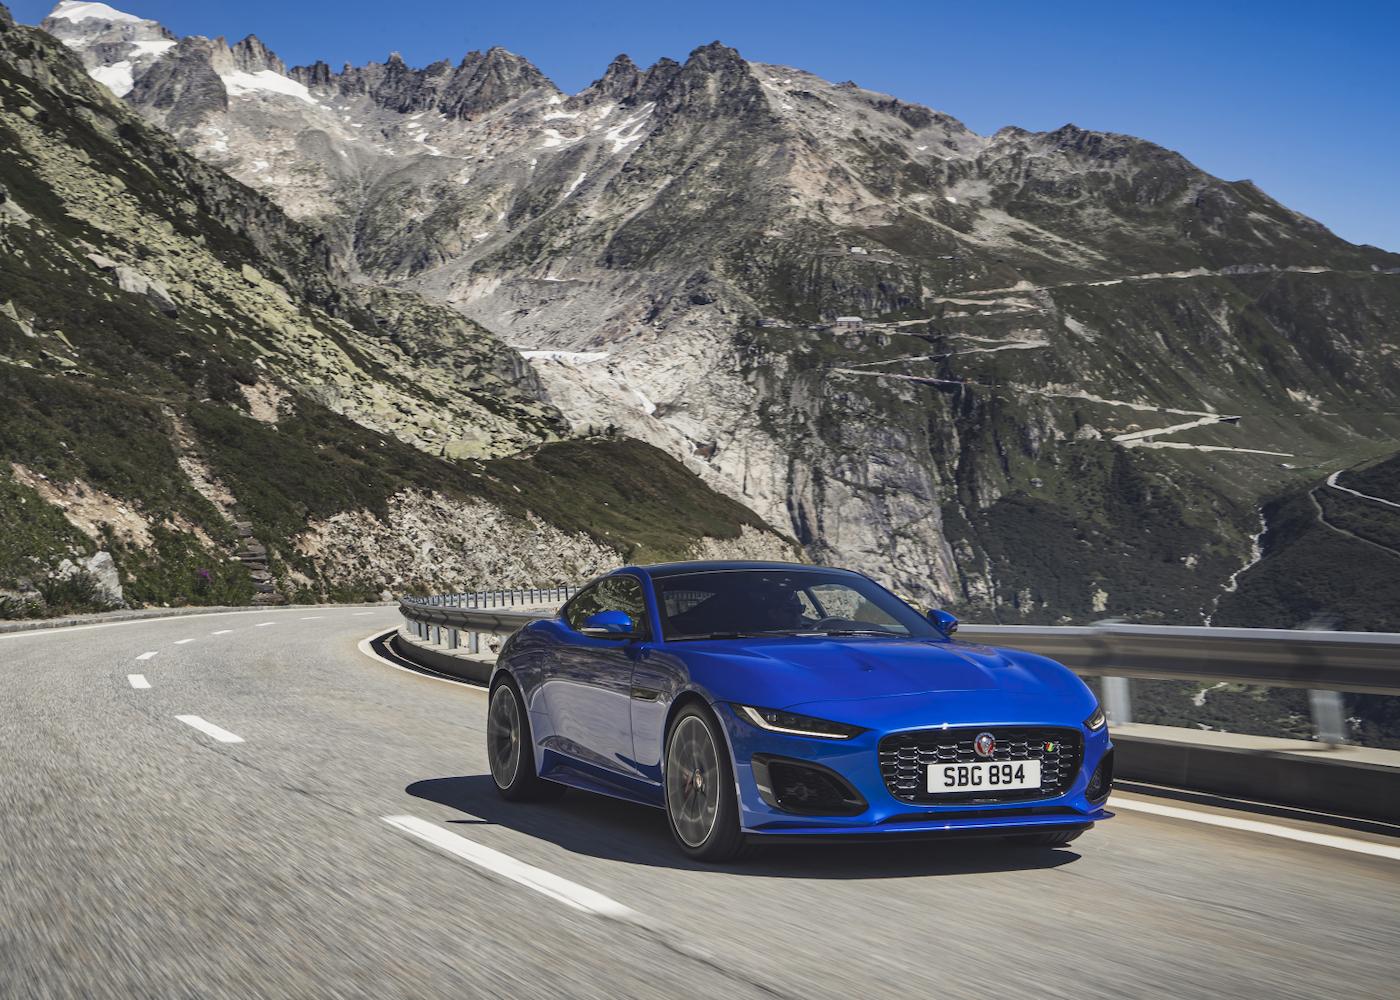 Weltpremiere: Der neue Jaguar F-TYPE wurde in München vorgestellt 10